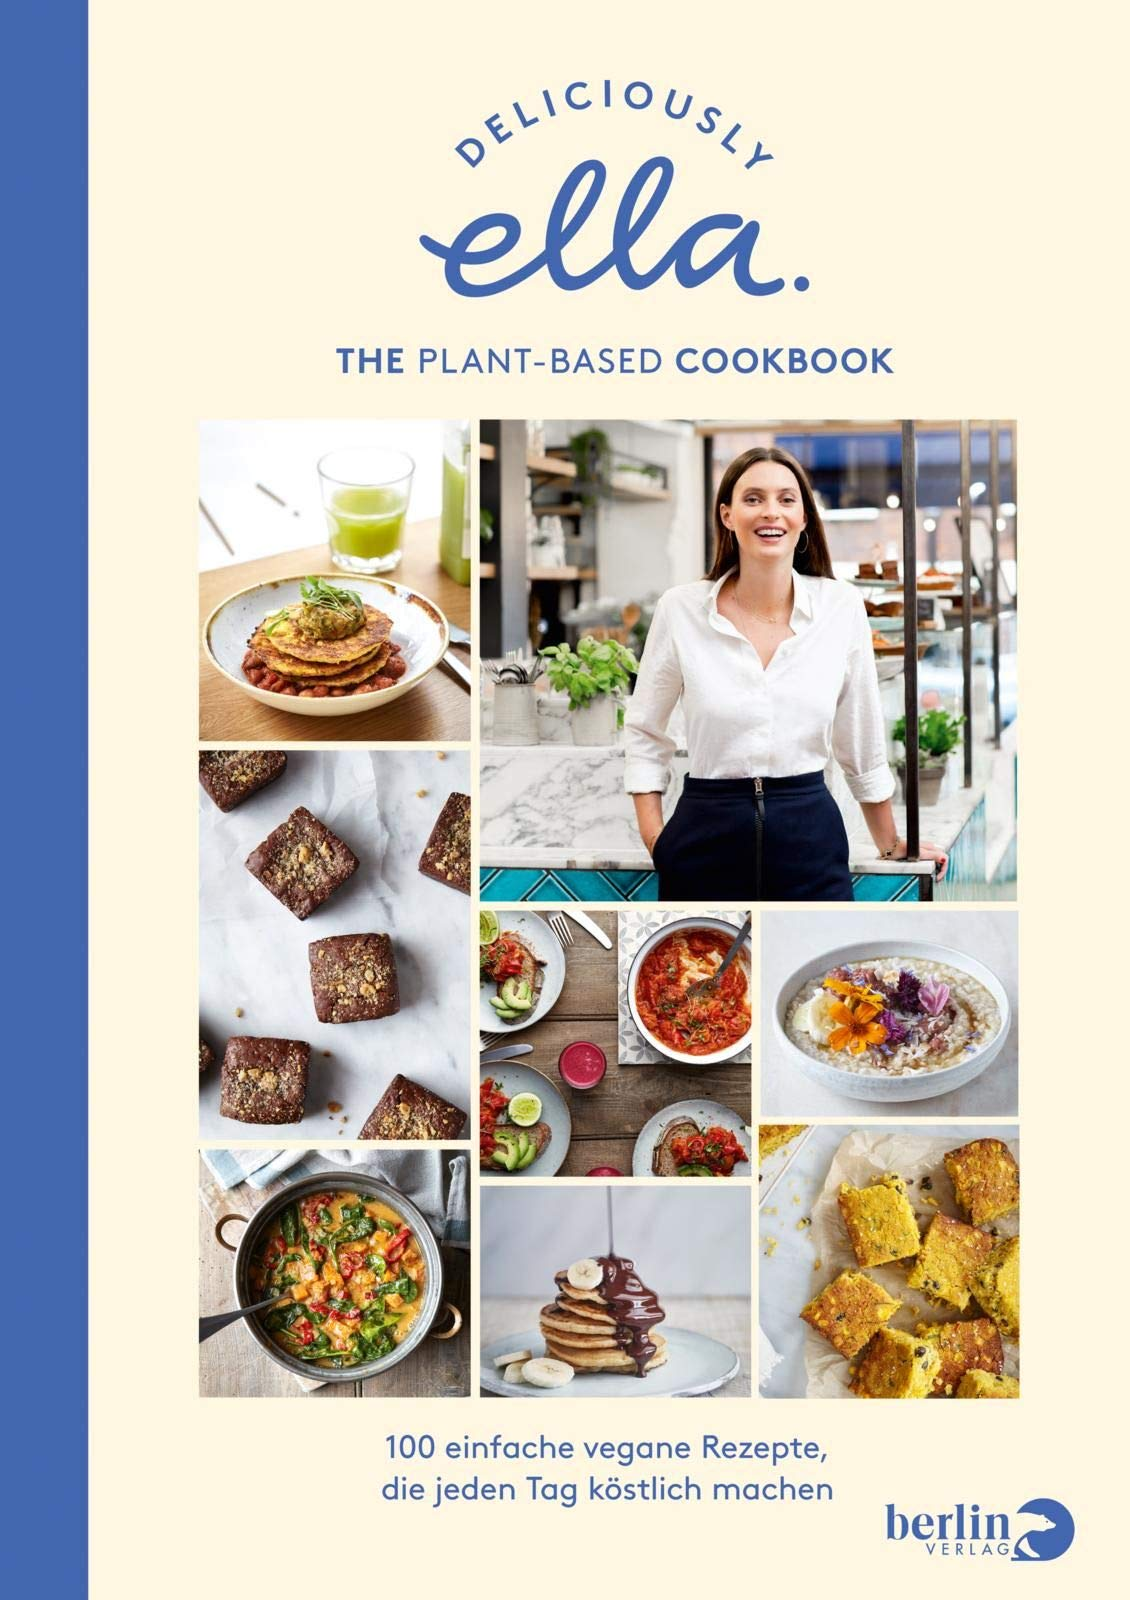 Deliciously Ella. The Plant Based Cookbook  100 Einfache Vegane Rezepte Die Jeden Tag Köstlich Machen